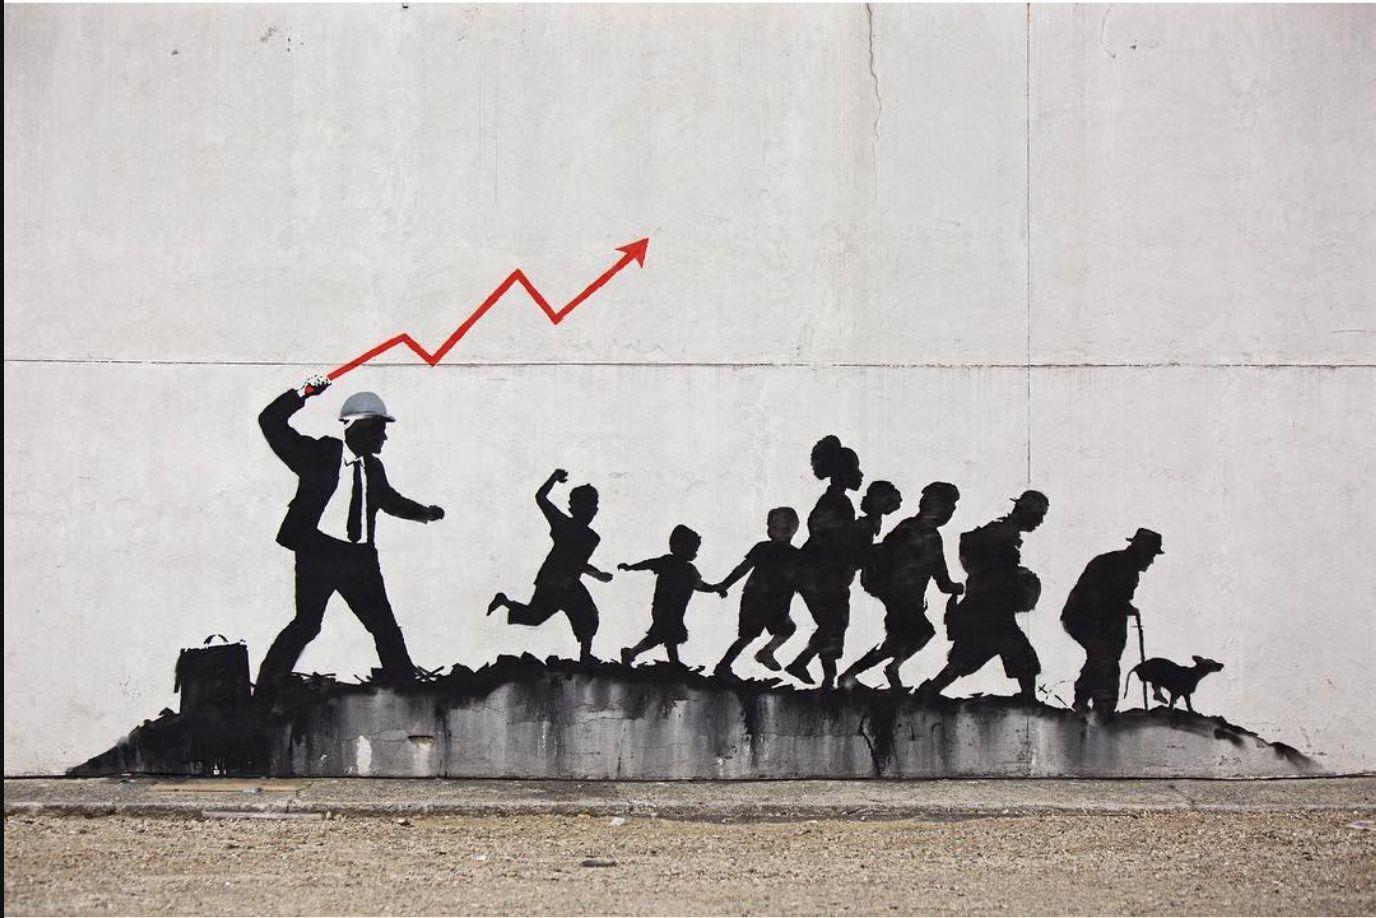 Nuovo lavoro di Banksy a New York raffigurante un businessman che brandisce una freccia grafica e alcune persone cg